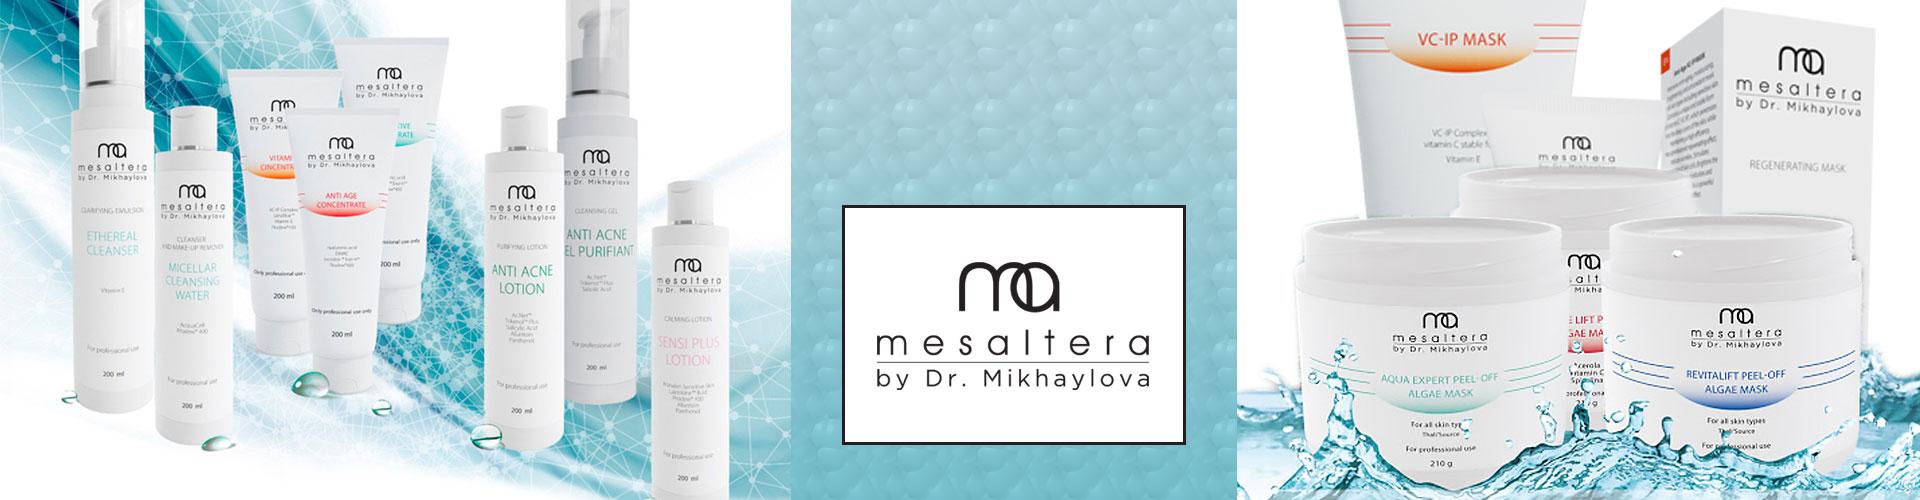 Mesaltera by Dr. Mikhaylova (Россия) - профессиональная косметика для домашнего ухода для лица